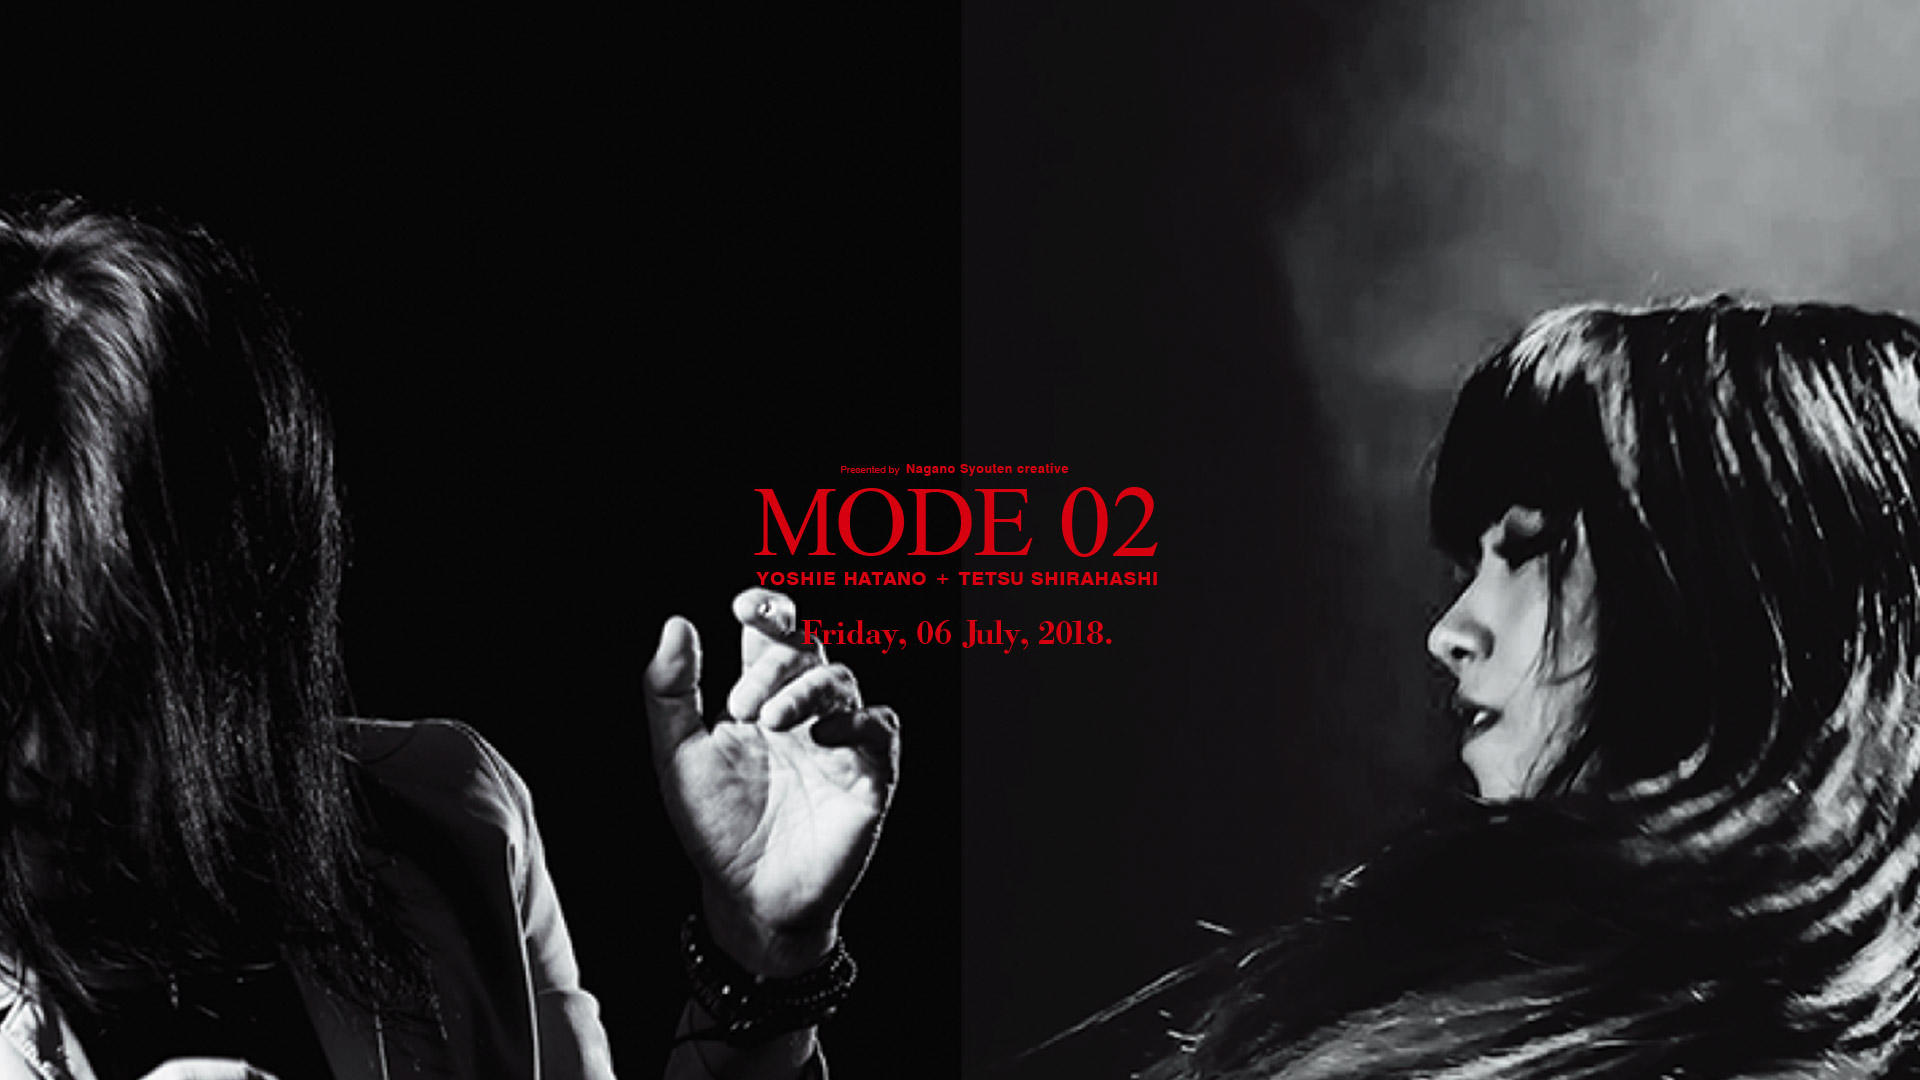 MODE 02 - YOSHIE HATANO + TETSU SHIRAHASHI @ Jazz Inn New COMBO